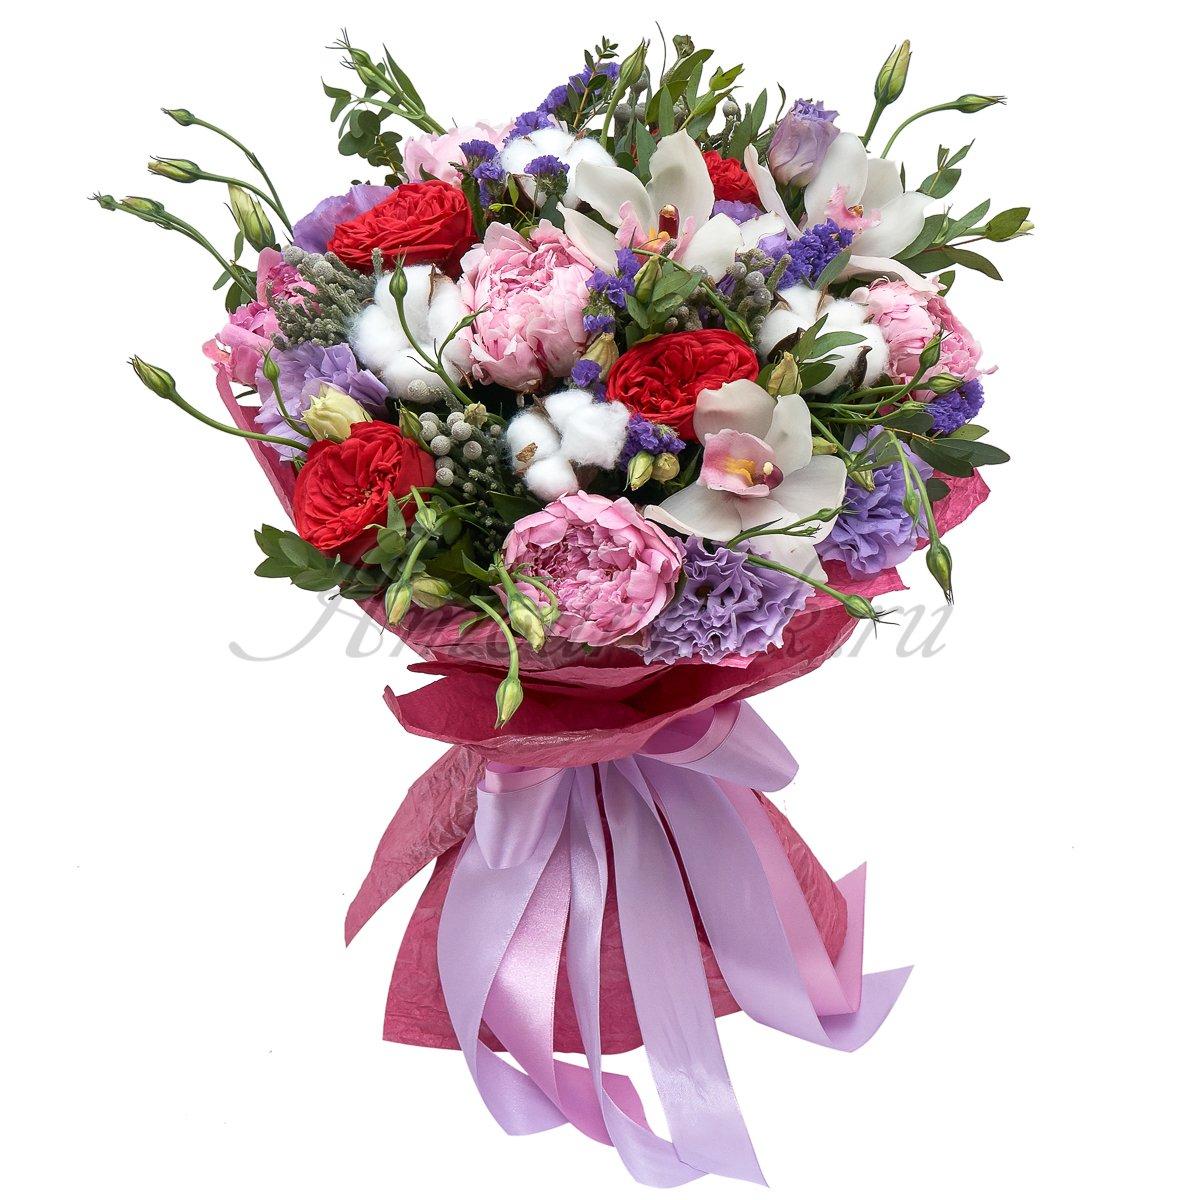 Цветы купить в новосибирске недорого круглосуточно заказ цветов пензе доставкой